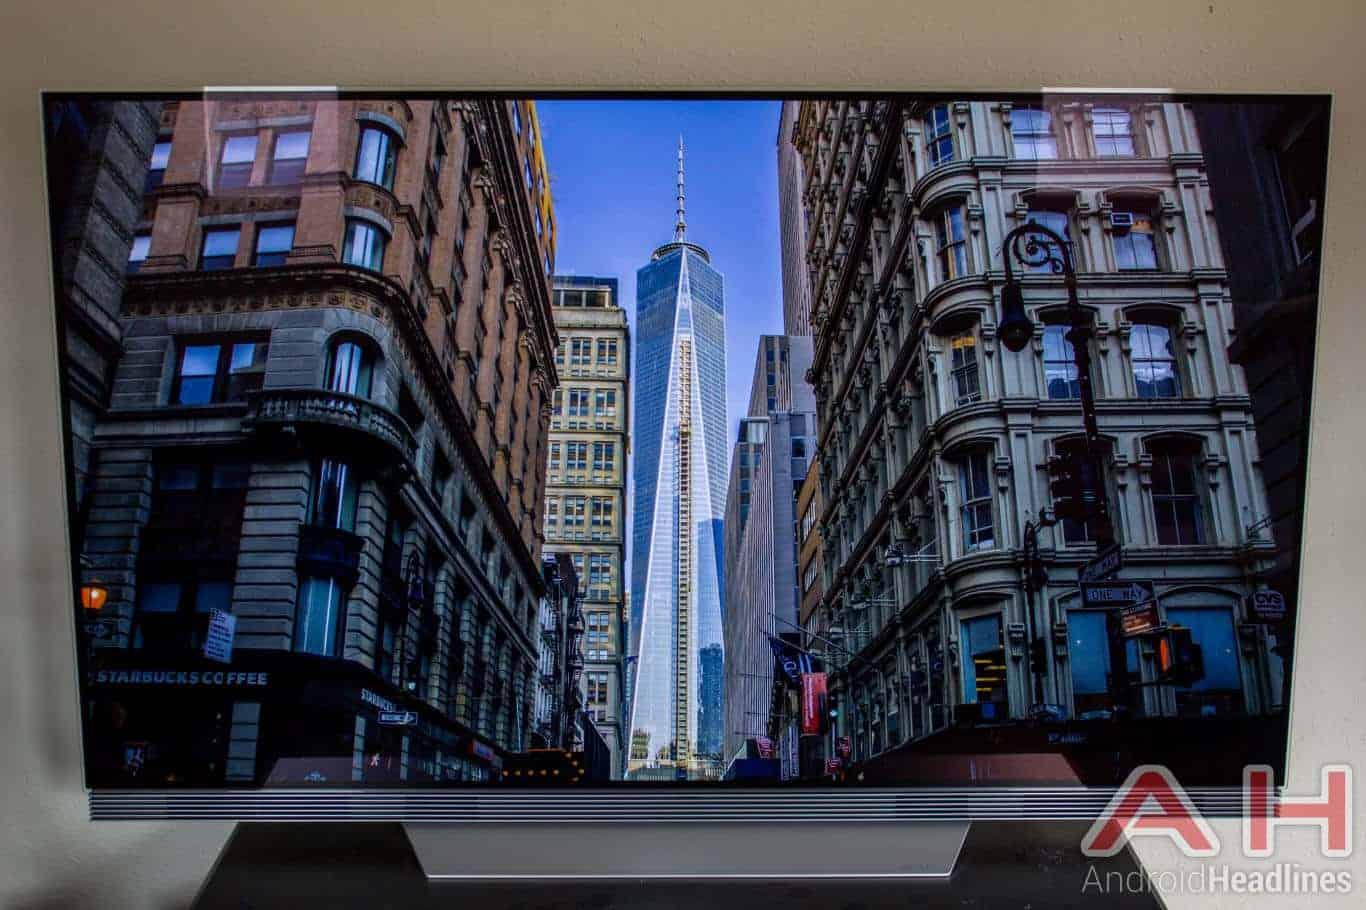 Product Spotlight: LG E7 OLED 4K HDR UHD Smart TV – 65″